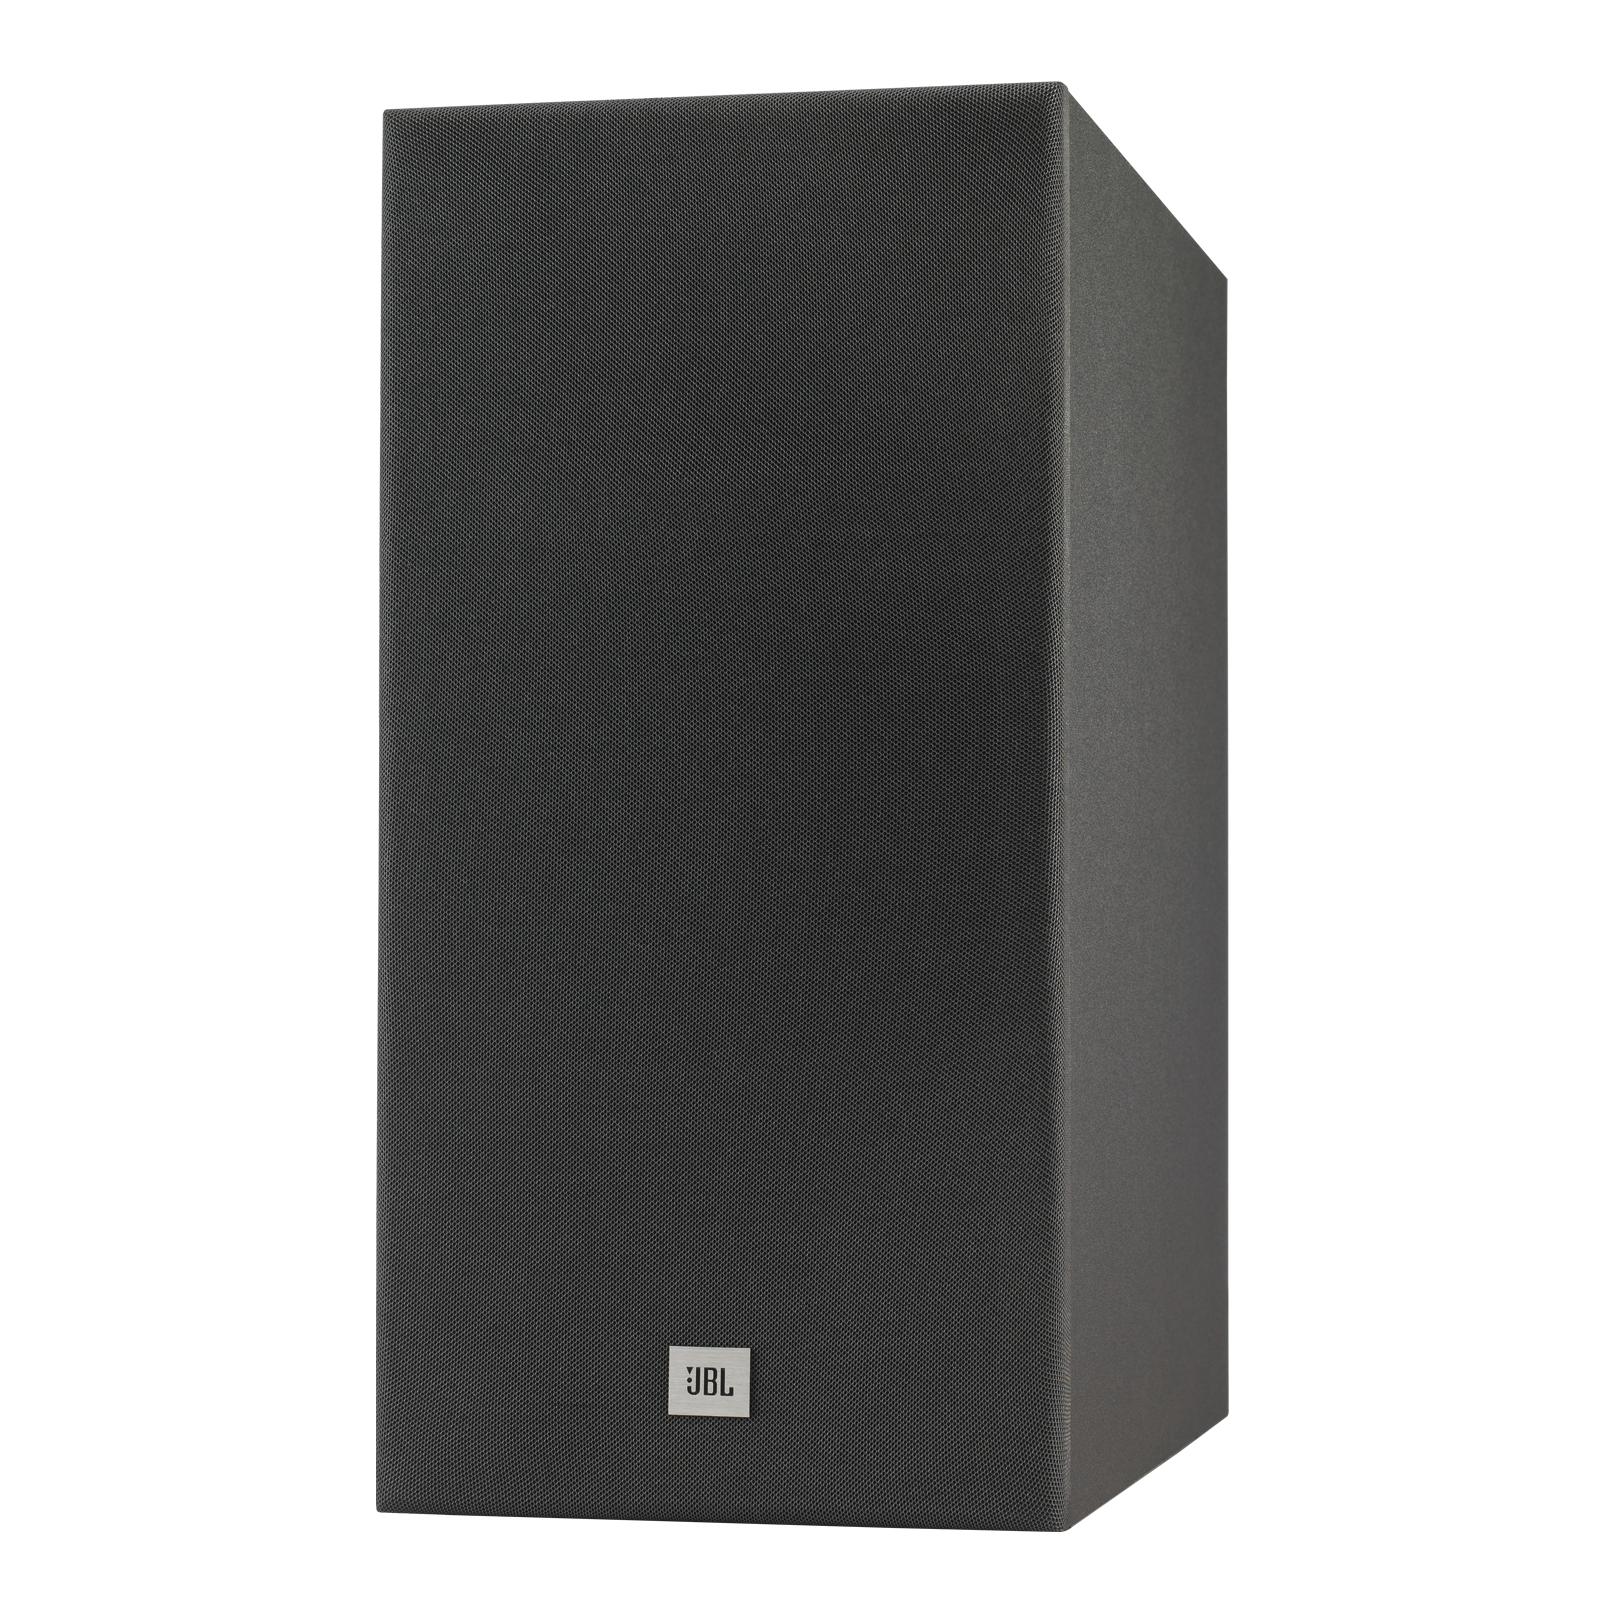 JBL Cinema SB261 - Black - 2.1 Channel Soundbar with Wired Subwoofer - Detailshot 5